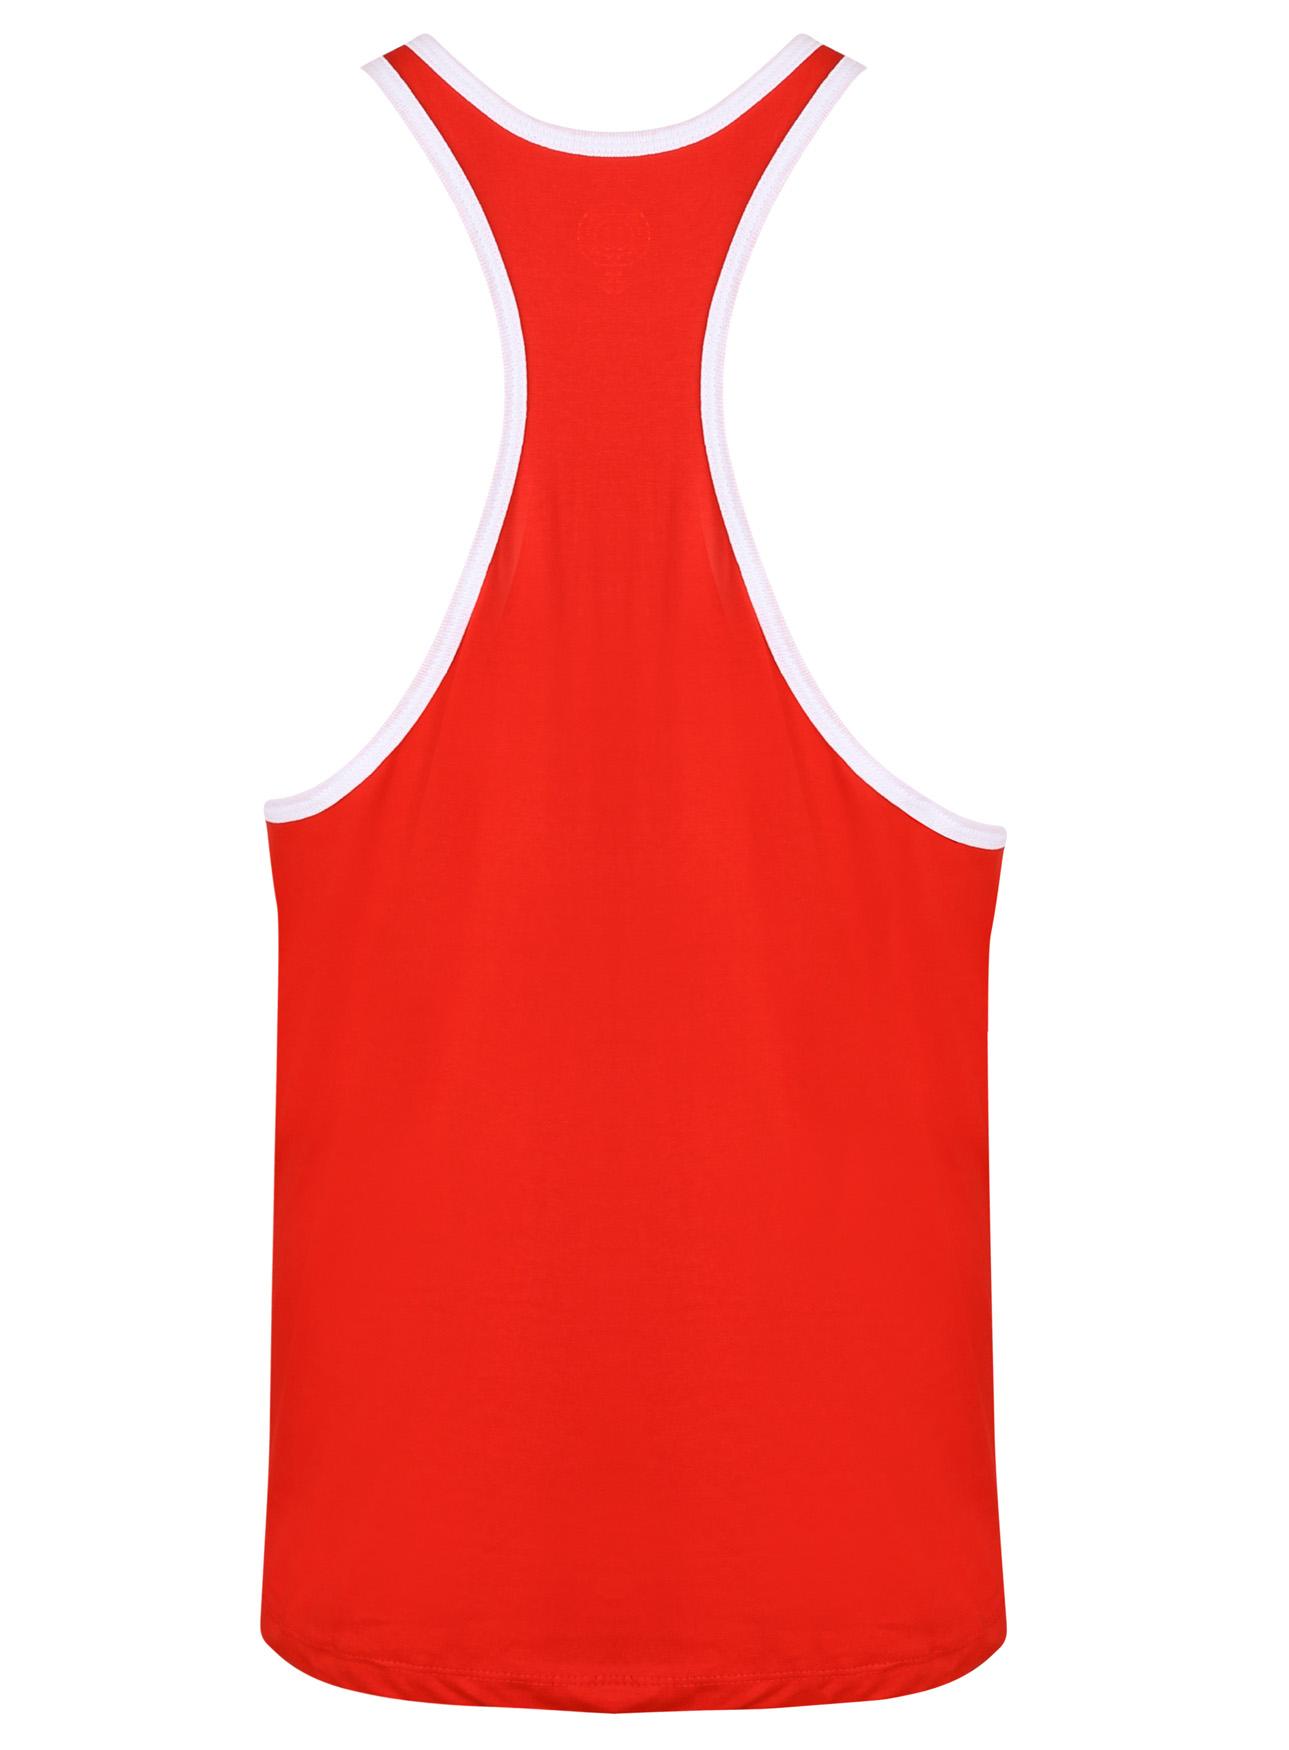 Gr/ün Golds Gym Muscle Joe Contrast Vest Tank Top XL Herren